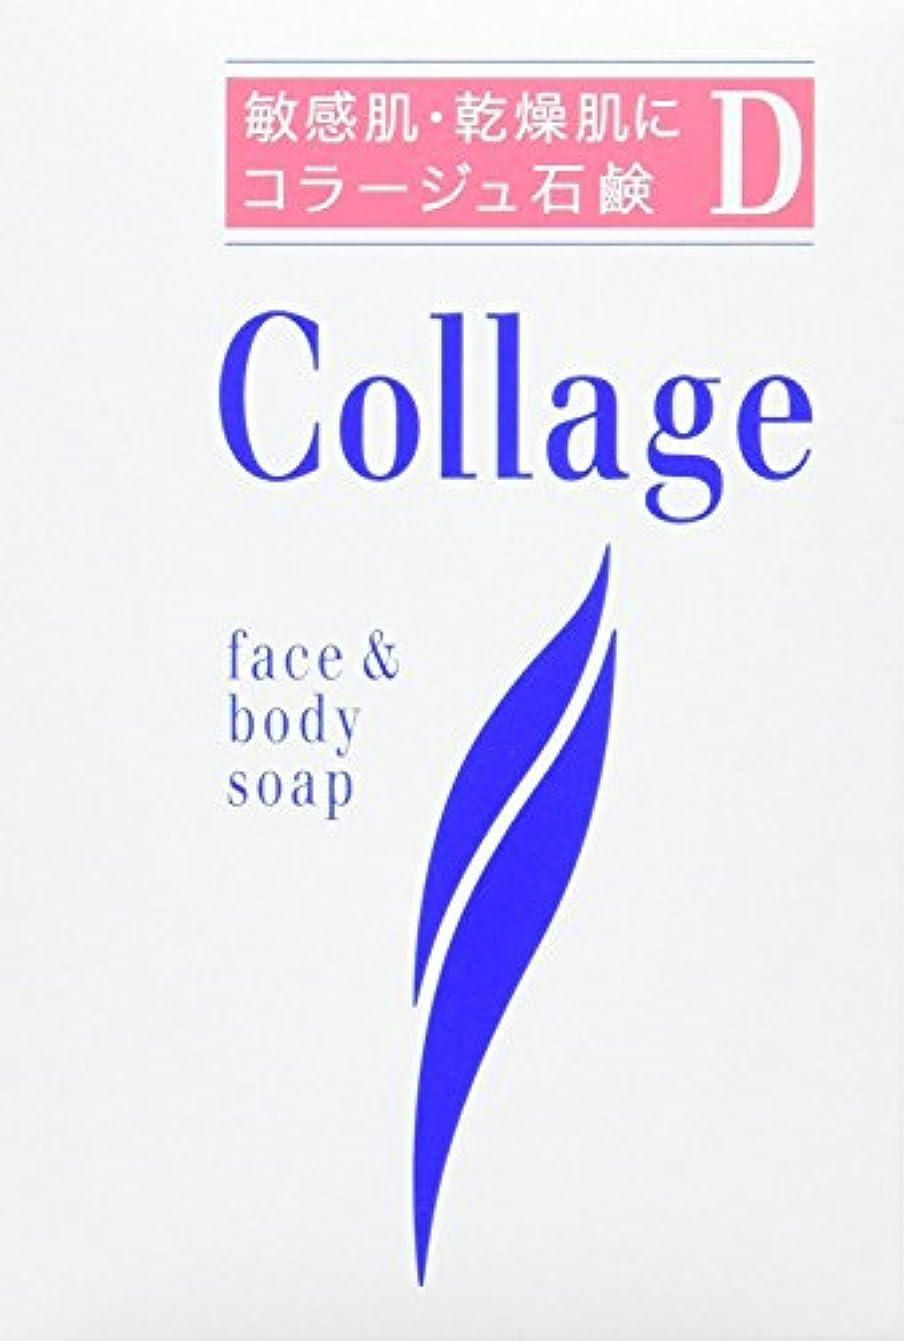 ブラウス死の顎口径コラージュ D乾性肌用石鹸 100g×6個